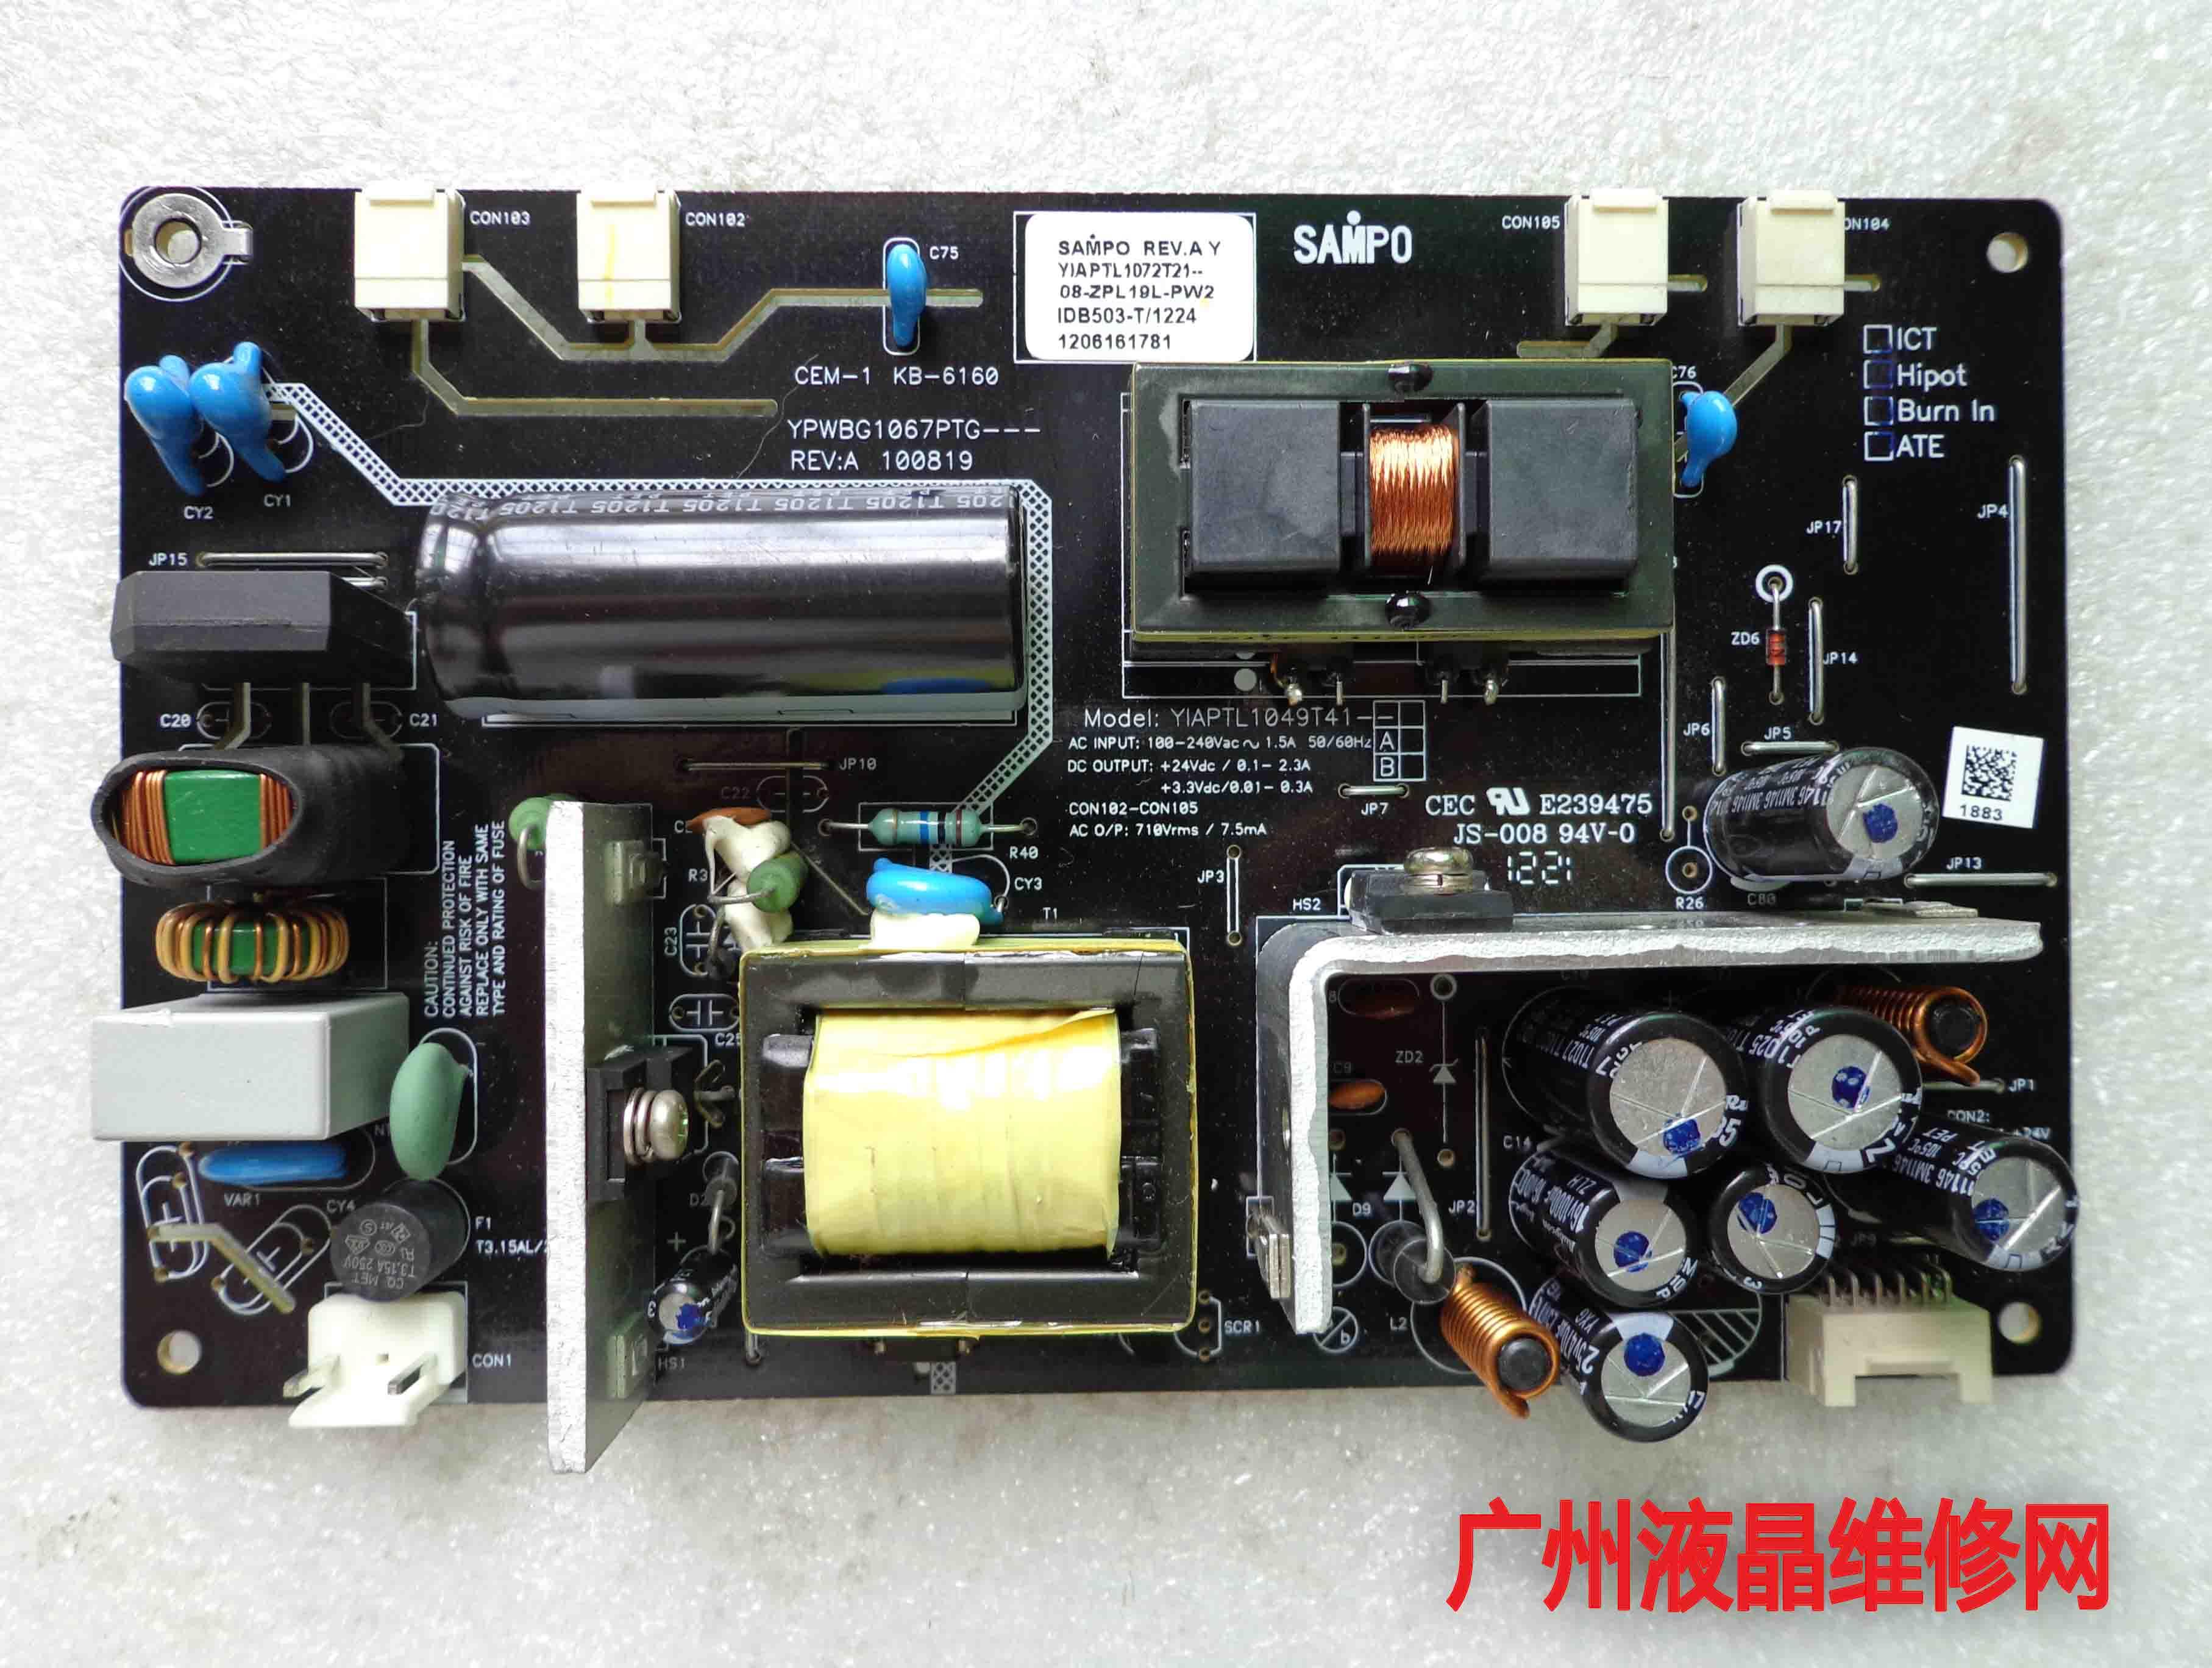 TCL KCP19-L الطاقة KCP22-N الطاقة YIAPTL1049T41 YPWBG1067PTG